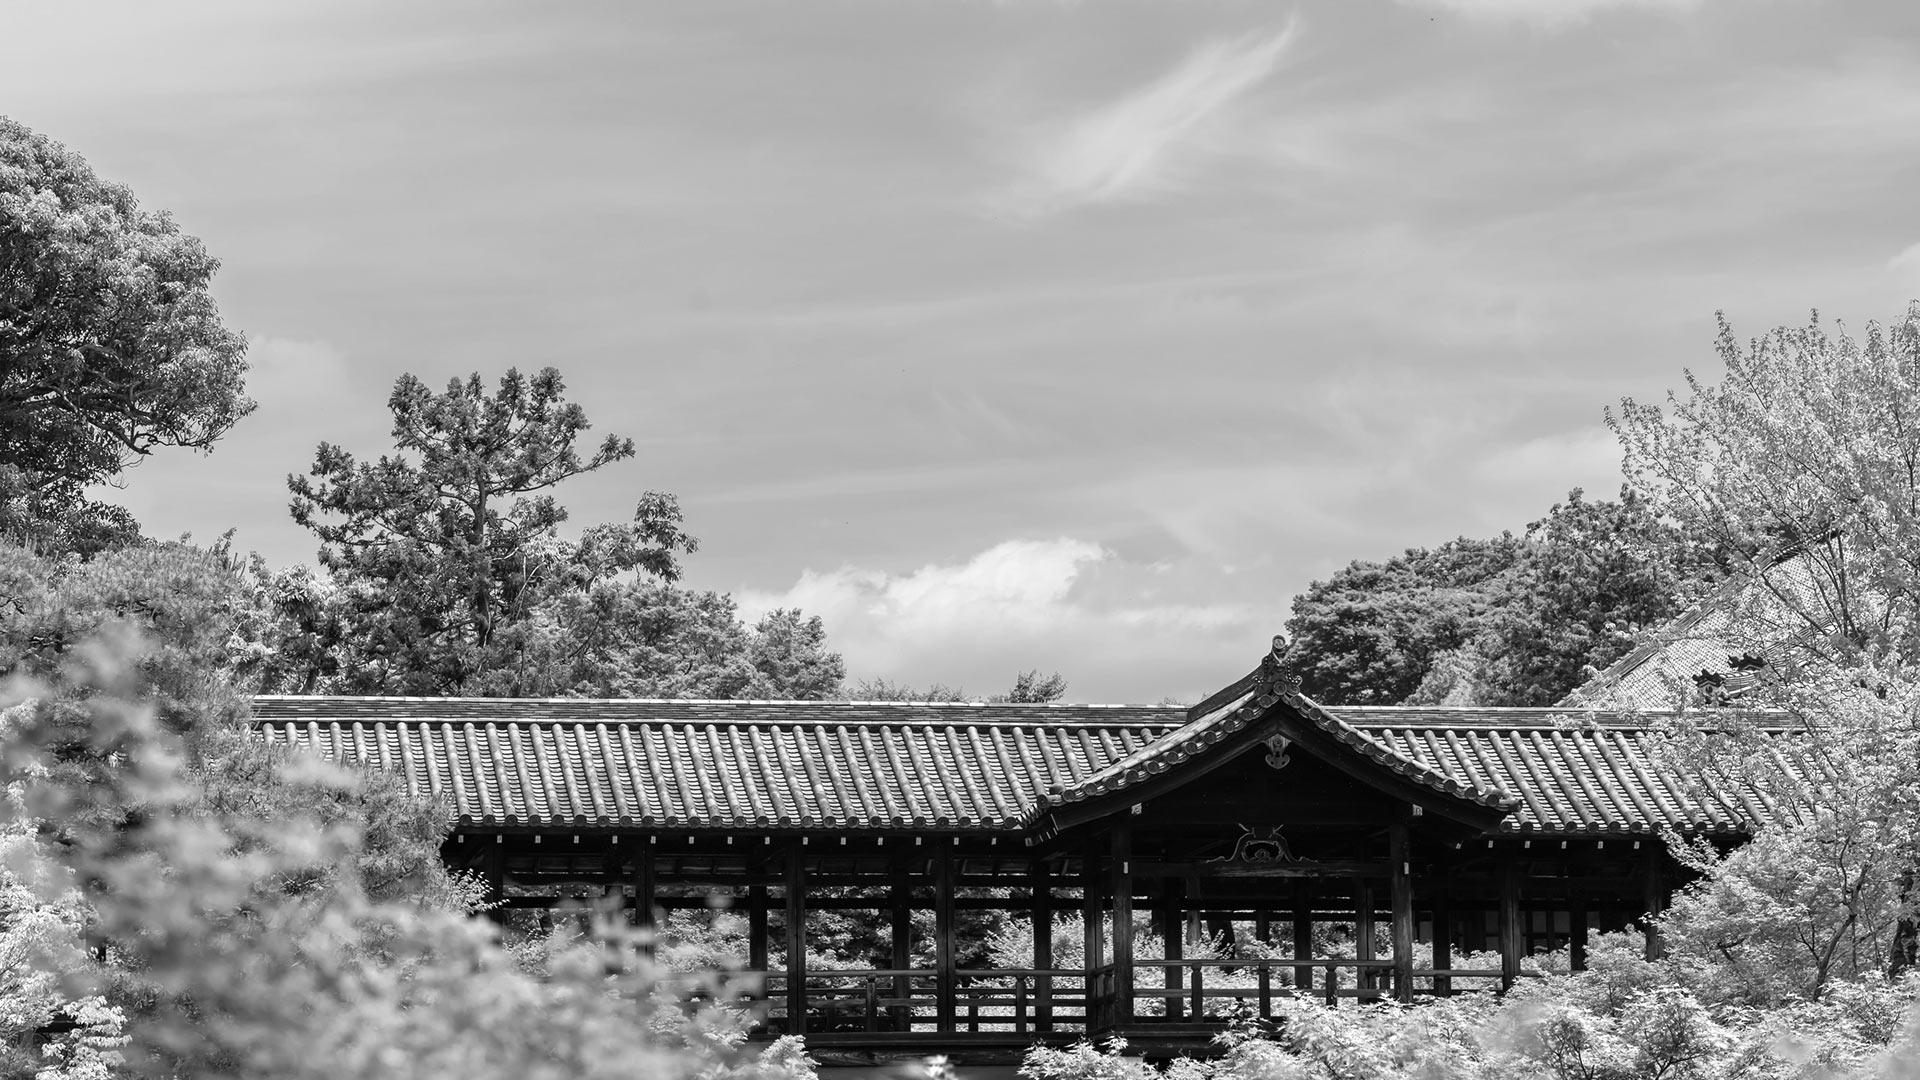 東福寺の臥雲橋からの眺めのモノクロ画像